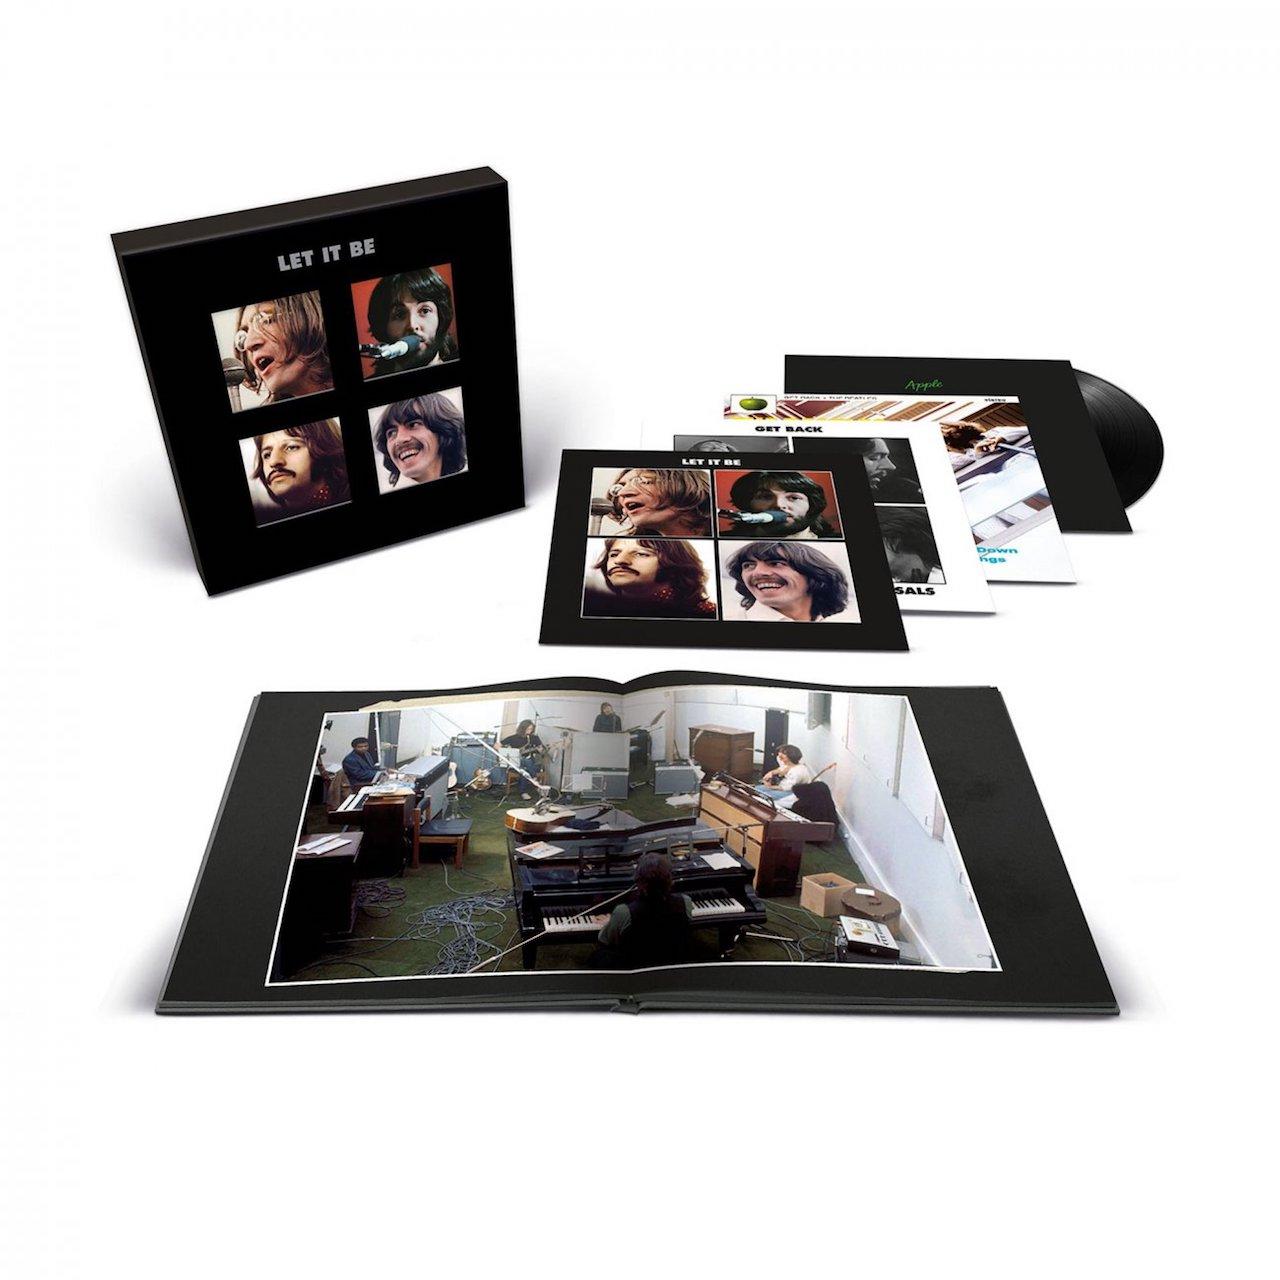 beatles-let-it-be-thisisrock.es - La revista con la música que es importante en tu vida Classic Rock Hard Rock Heavy Metal Prog Rock Blues 4